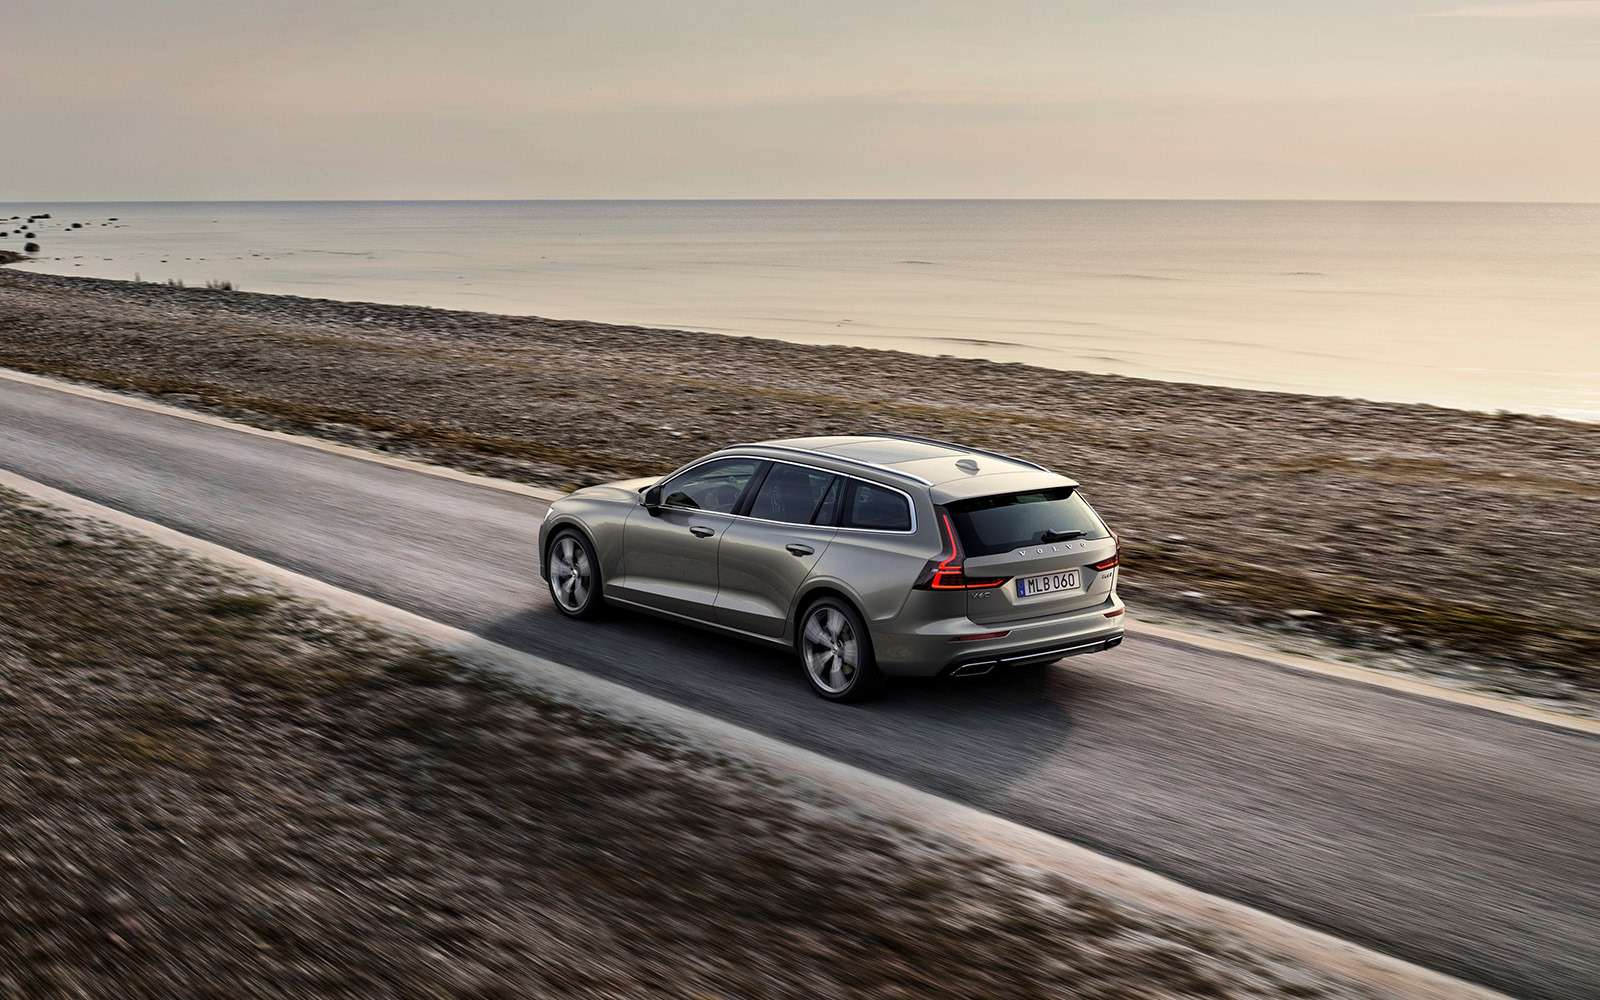 Volvo представила V60: семейный, роскошный инедлянас— фото 847554